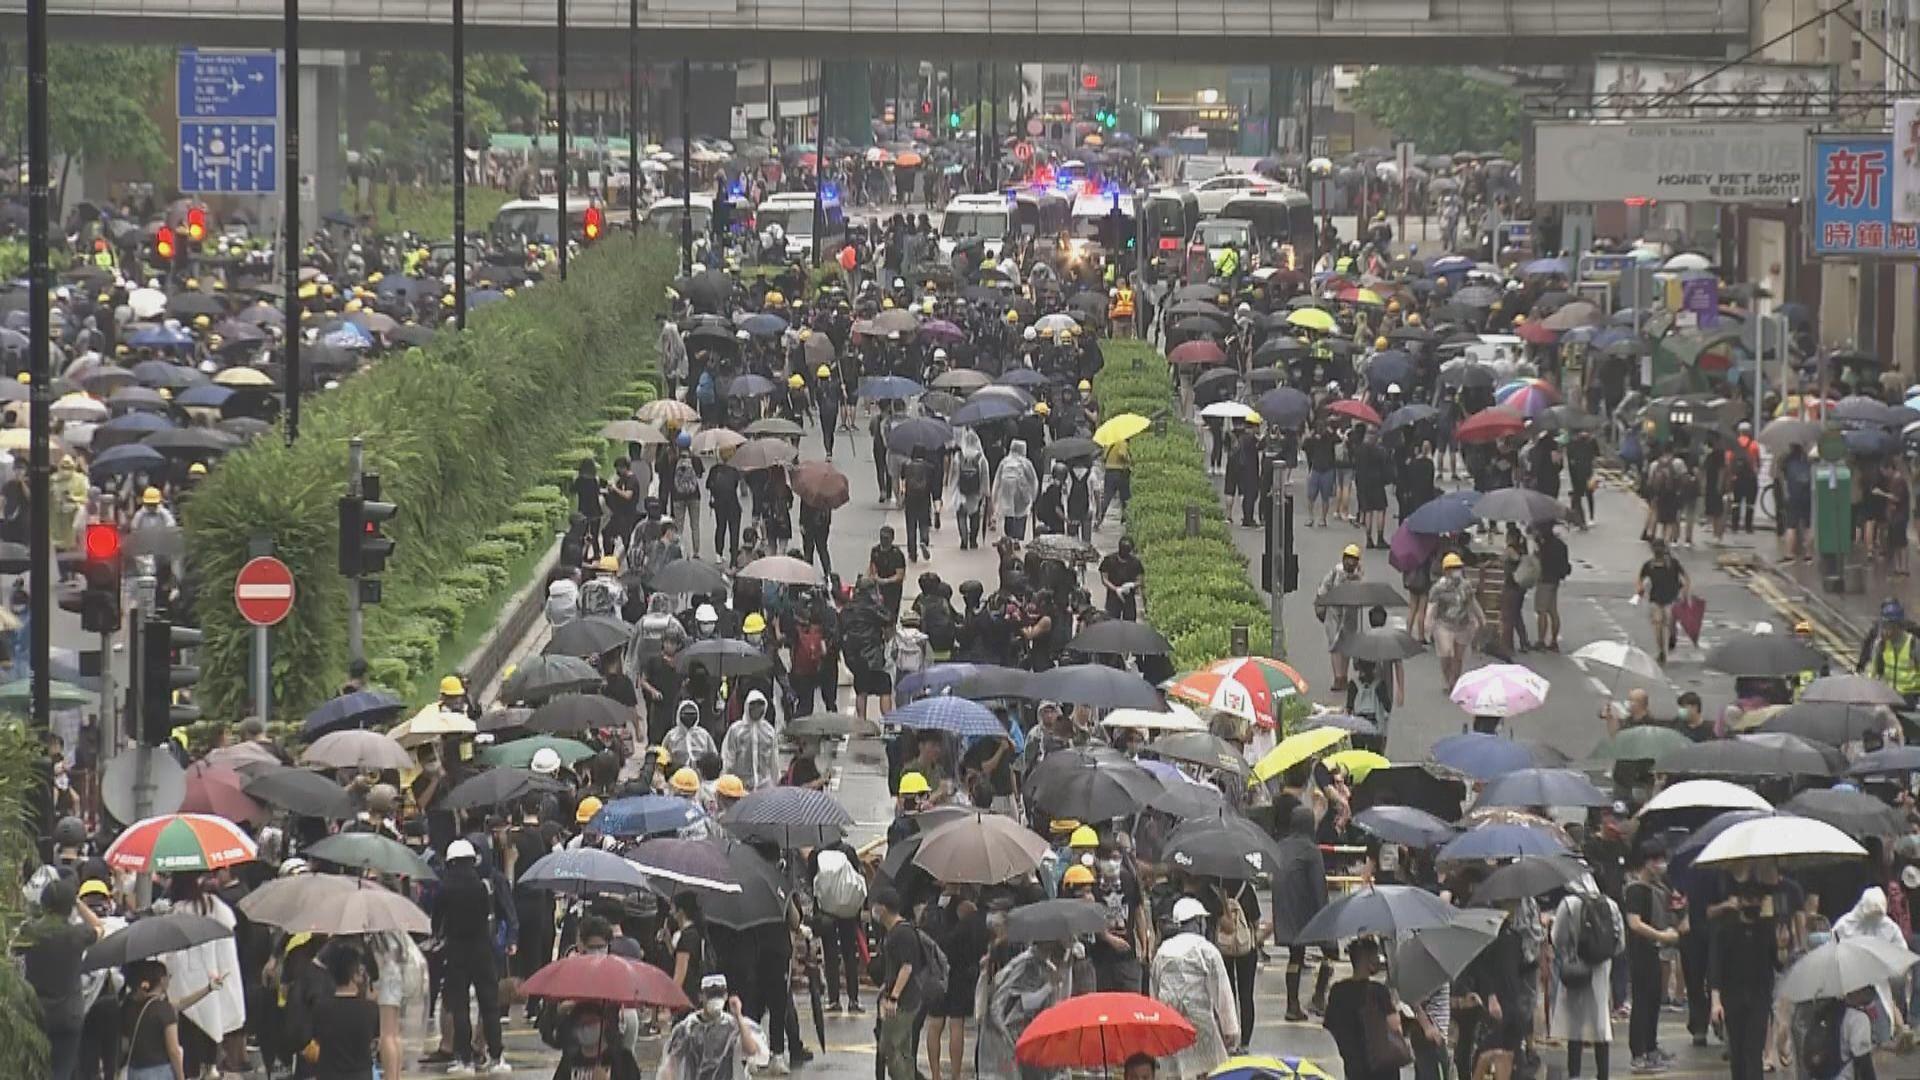 警方指示威者楊屋道設路障 將短時間內清場